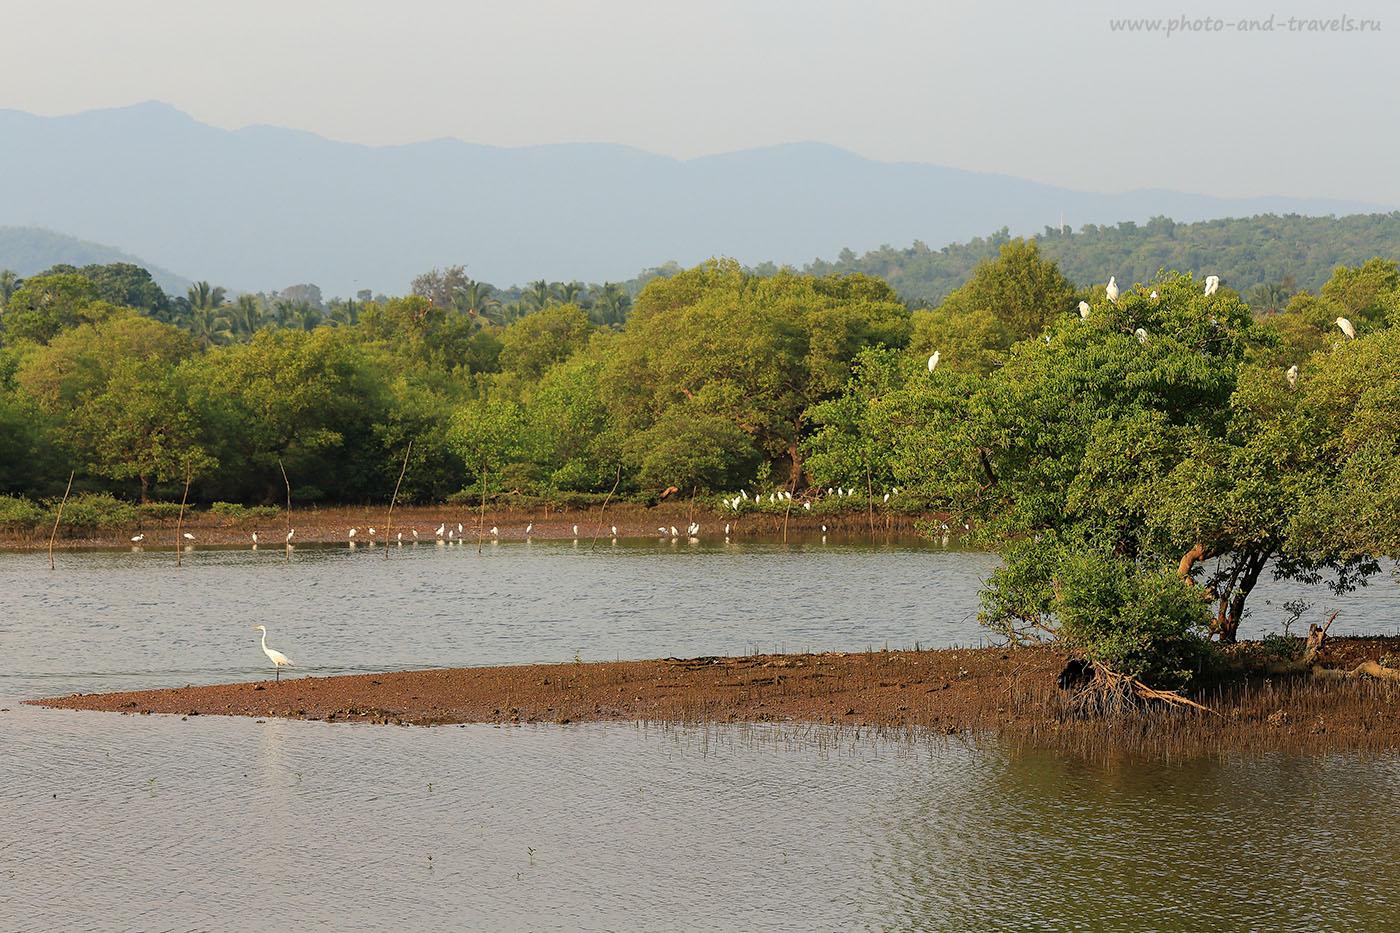 Фото 8. Цапли на берегу реки Талпона. Чем заняться во время отдыха на Южном Гоа. Отзыв туристов о путешествии в Индию (70-200, 1/320, -1eV, f8, 97 mm, ISO 100)